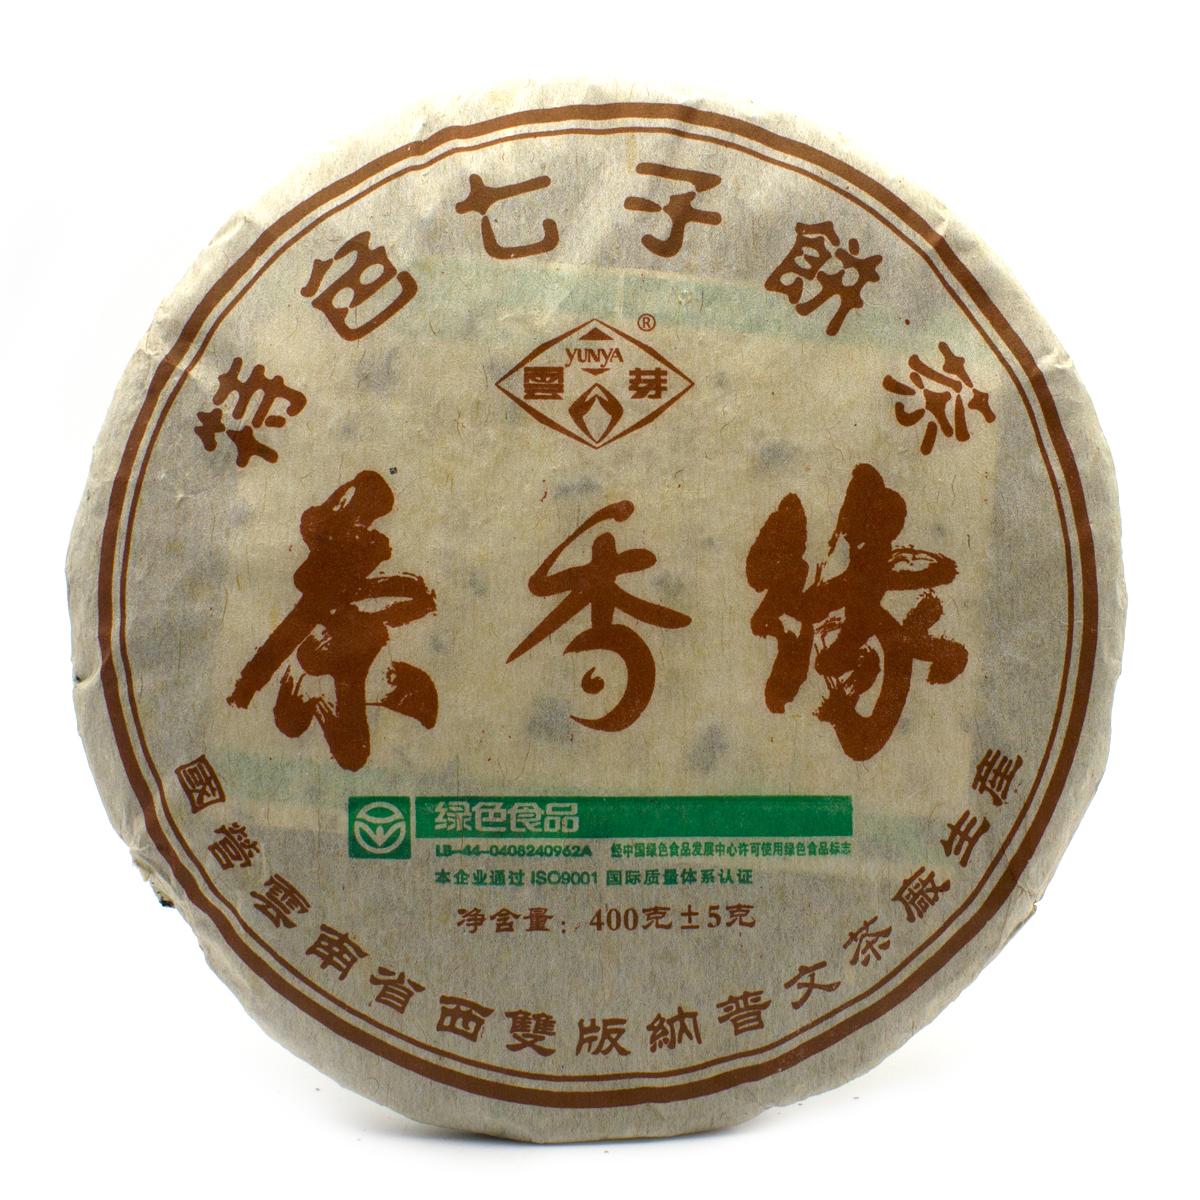 """Купить со скидкой Шу Пуэр """"Ча Сян Юань"""", блин, 400 г, 2005 (уцененный товар)"""